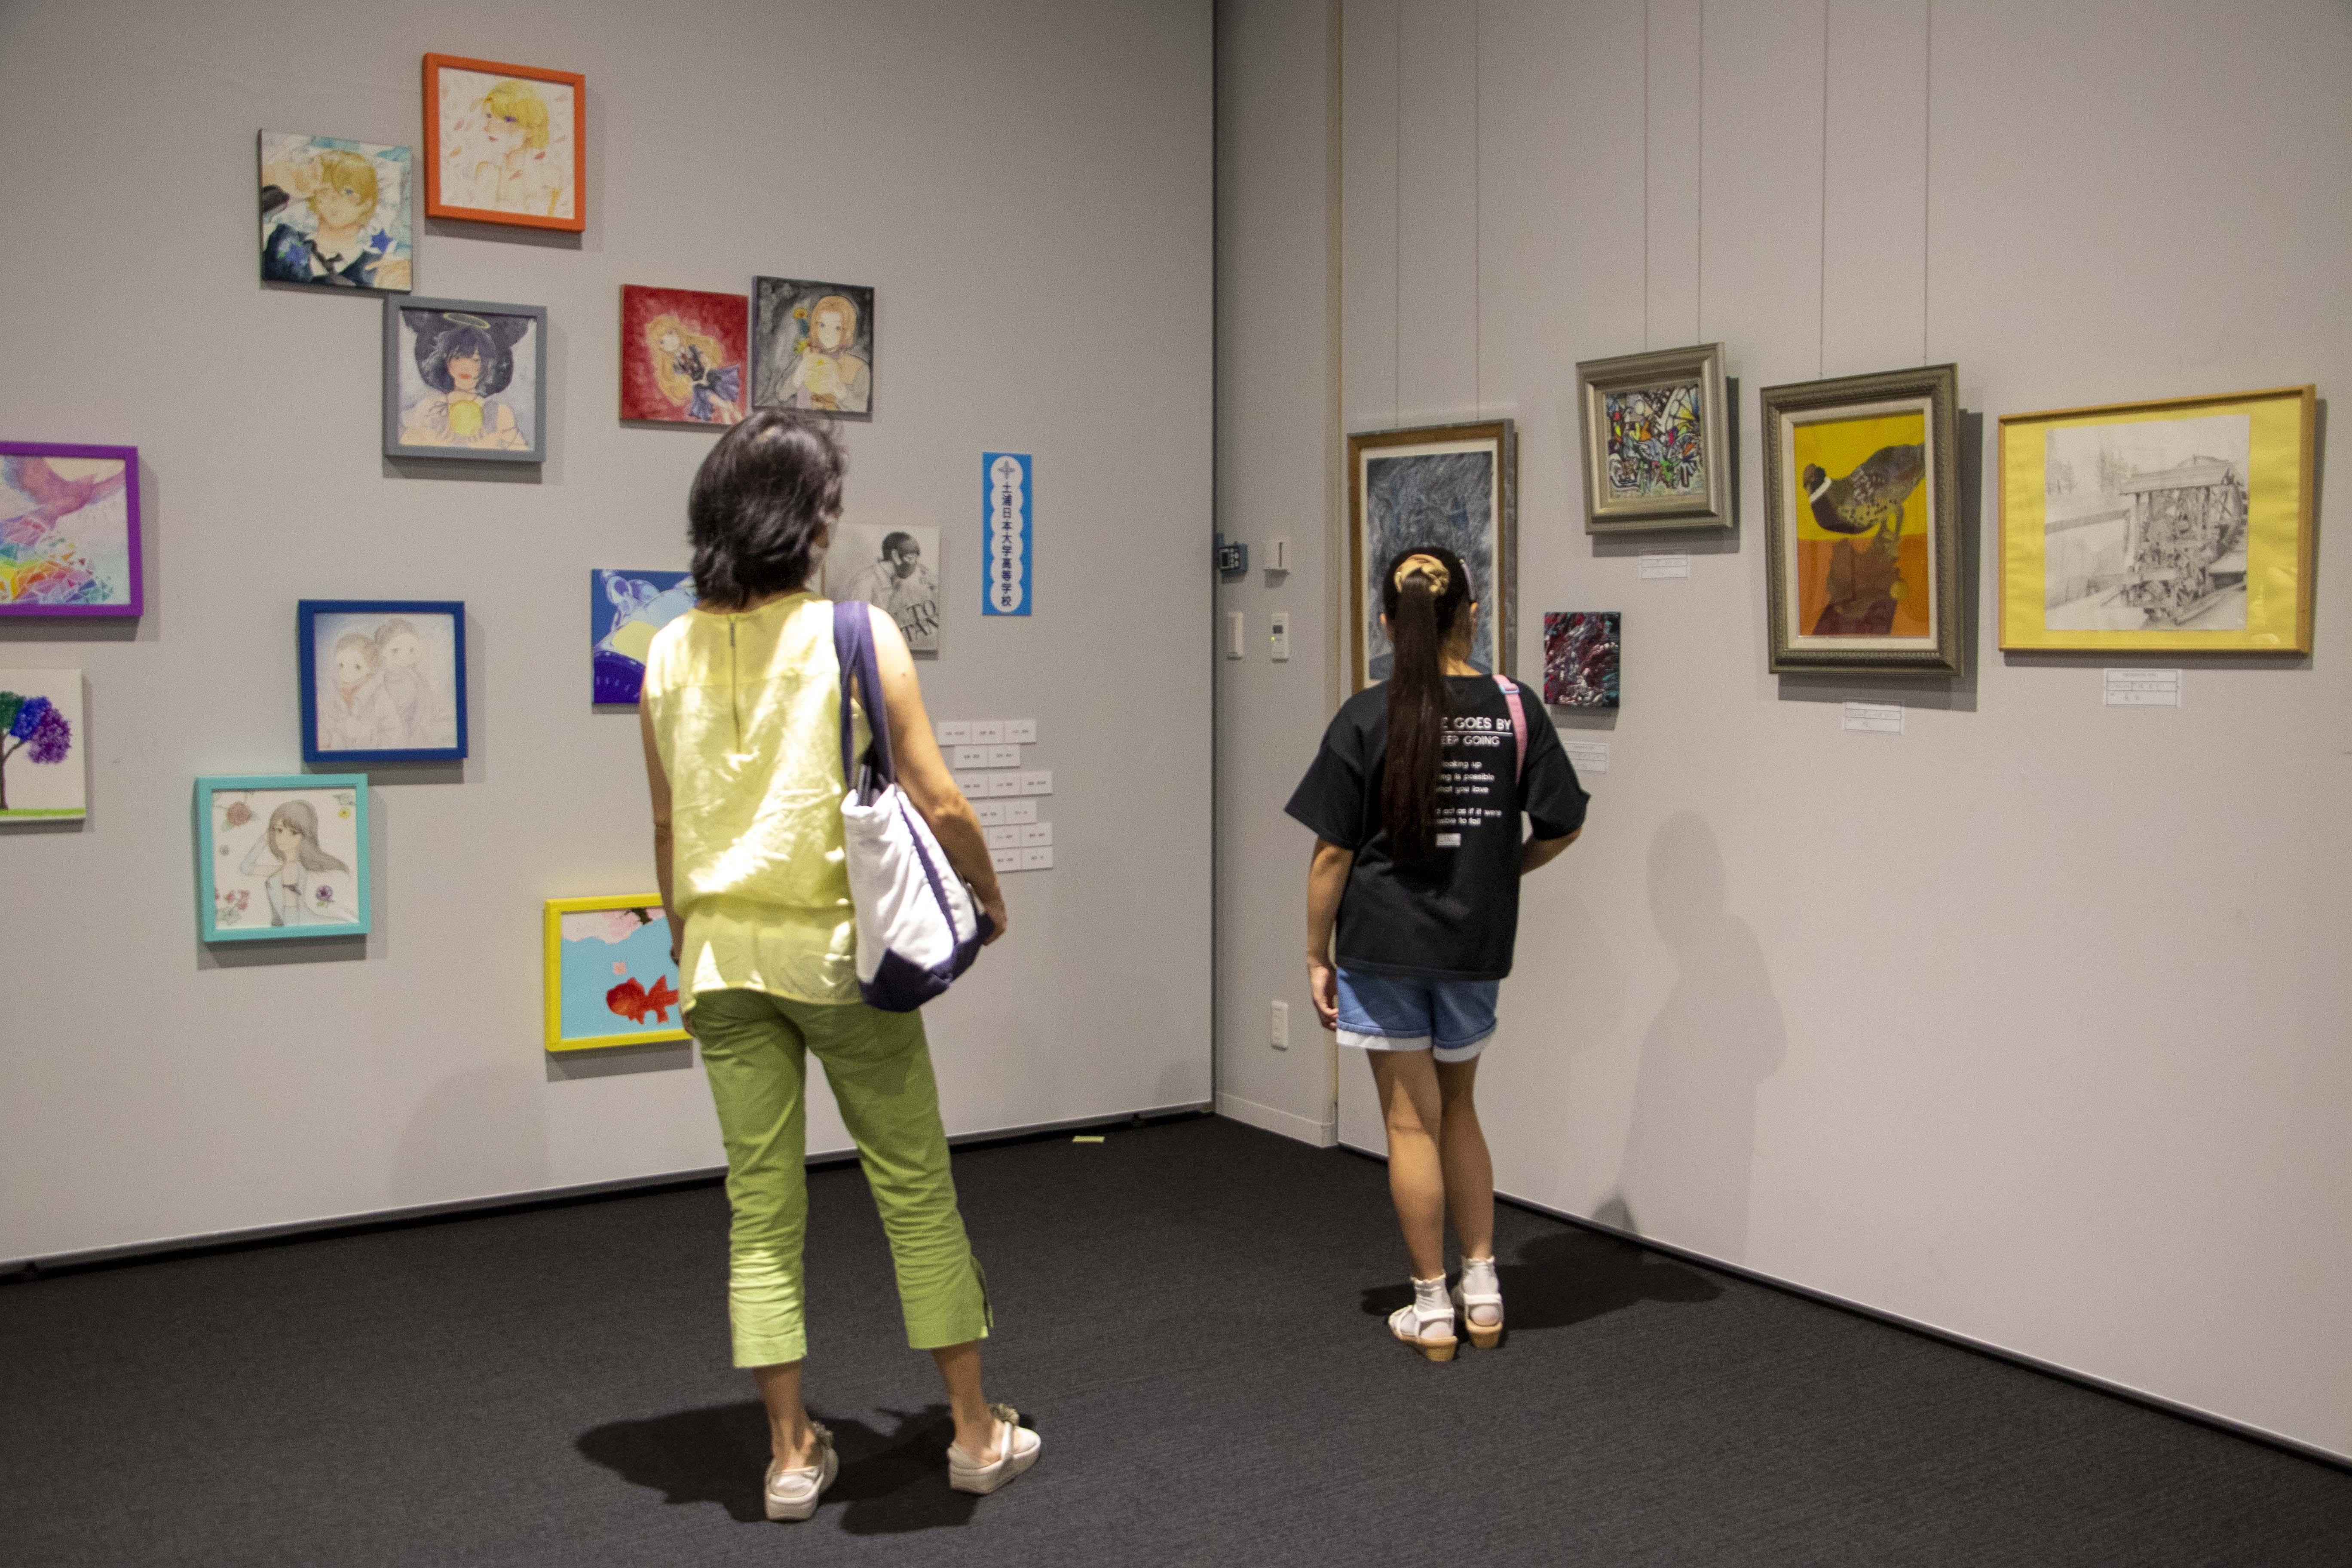 『アートな作品08』の画像